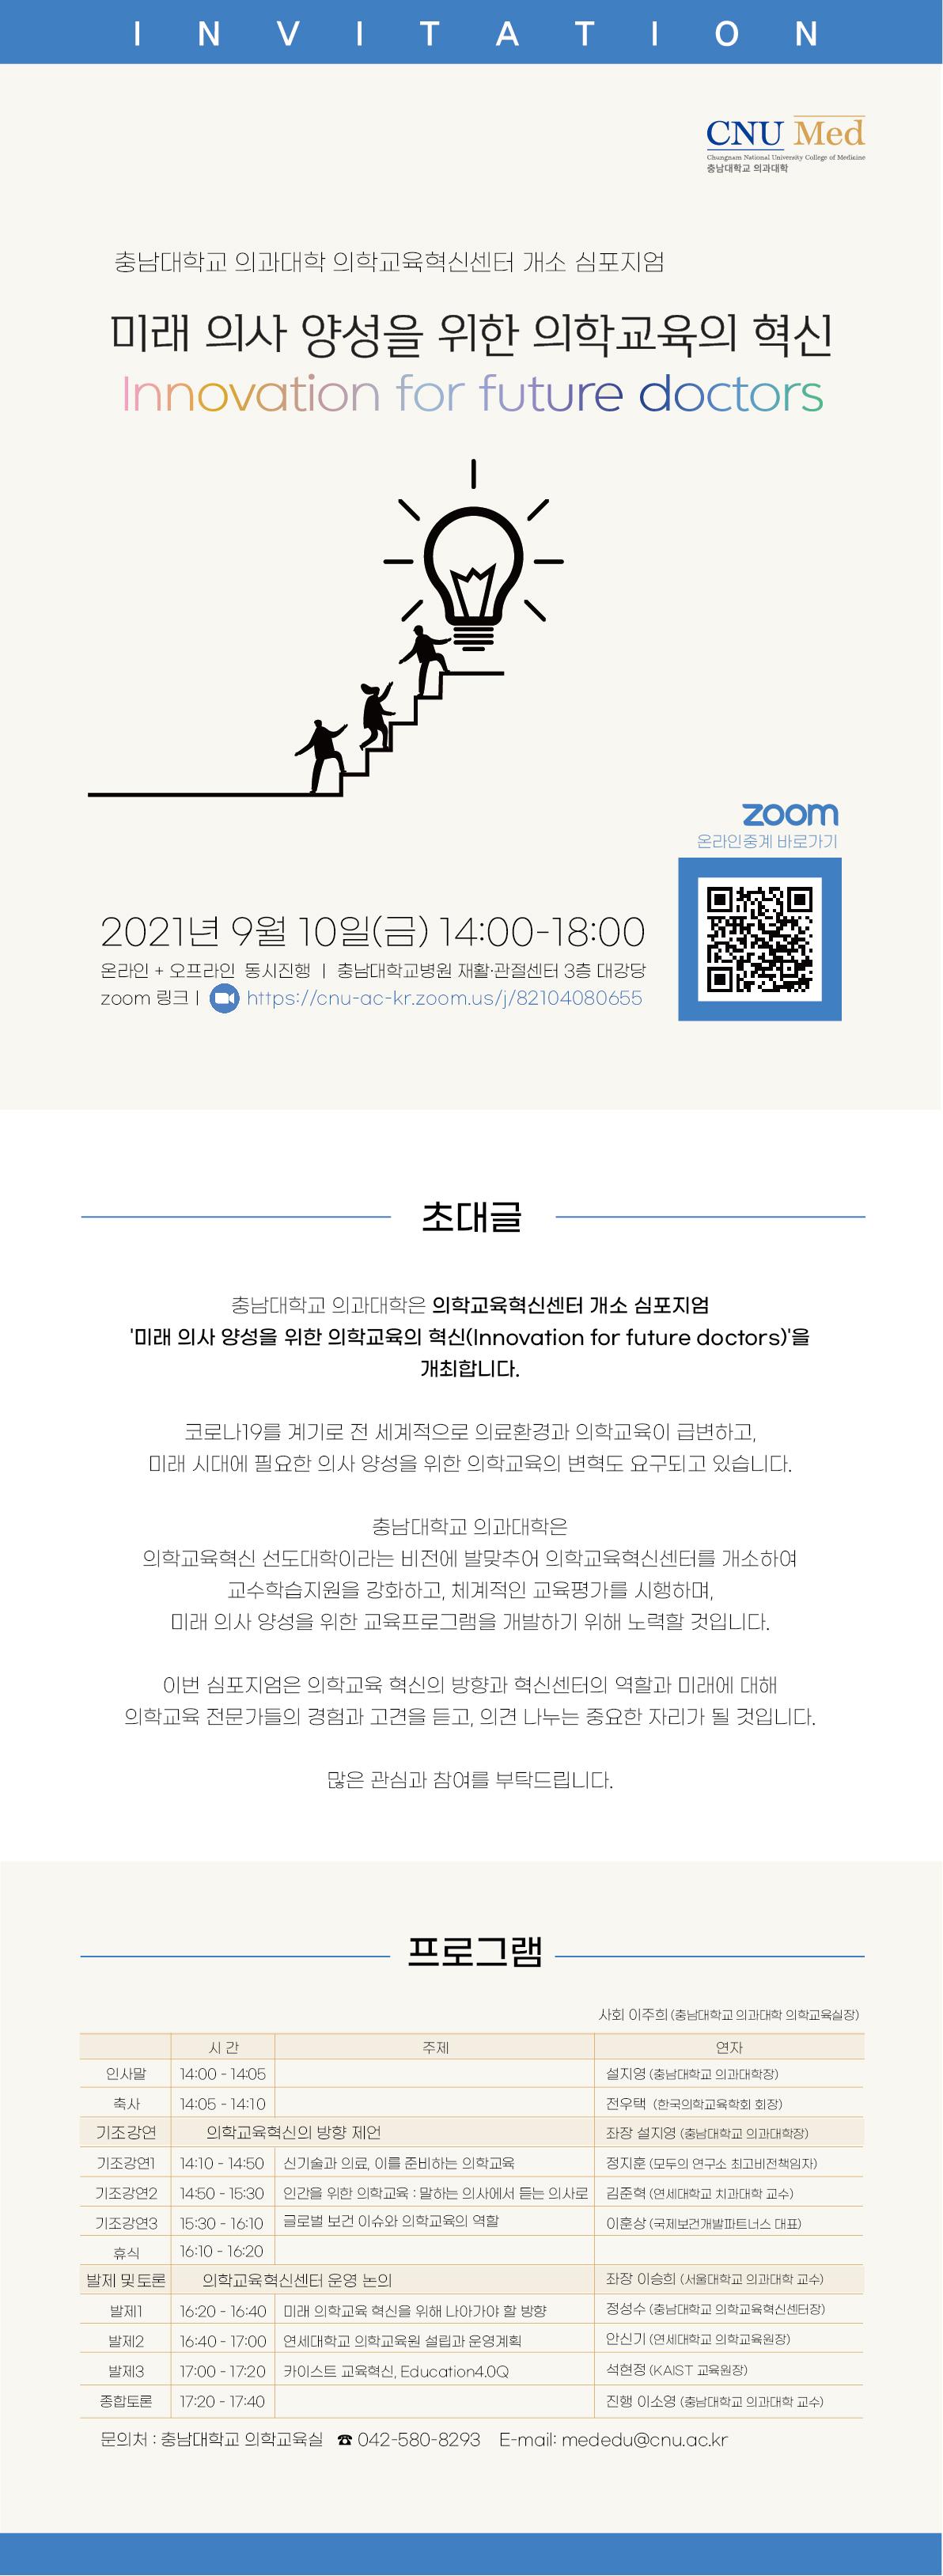 충남대학교 의과대학 의학교육혁신센터(3.2)_온라인초대장(최종).jpg